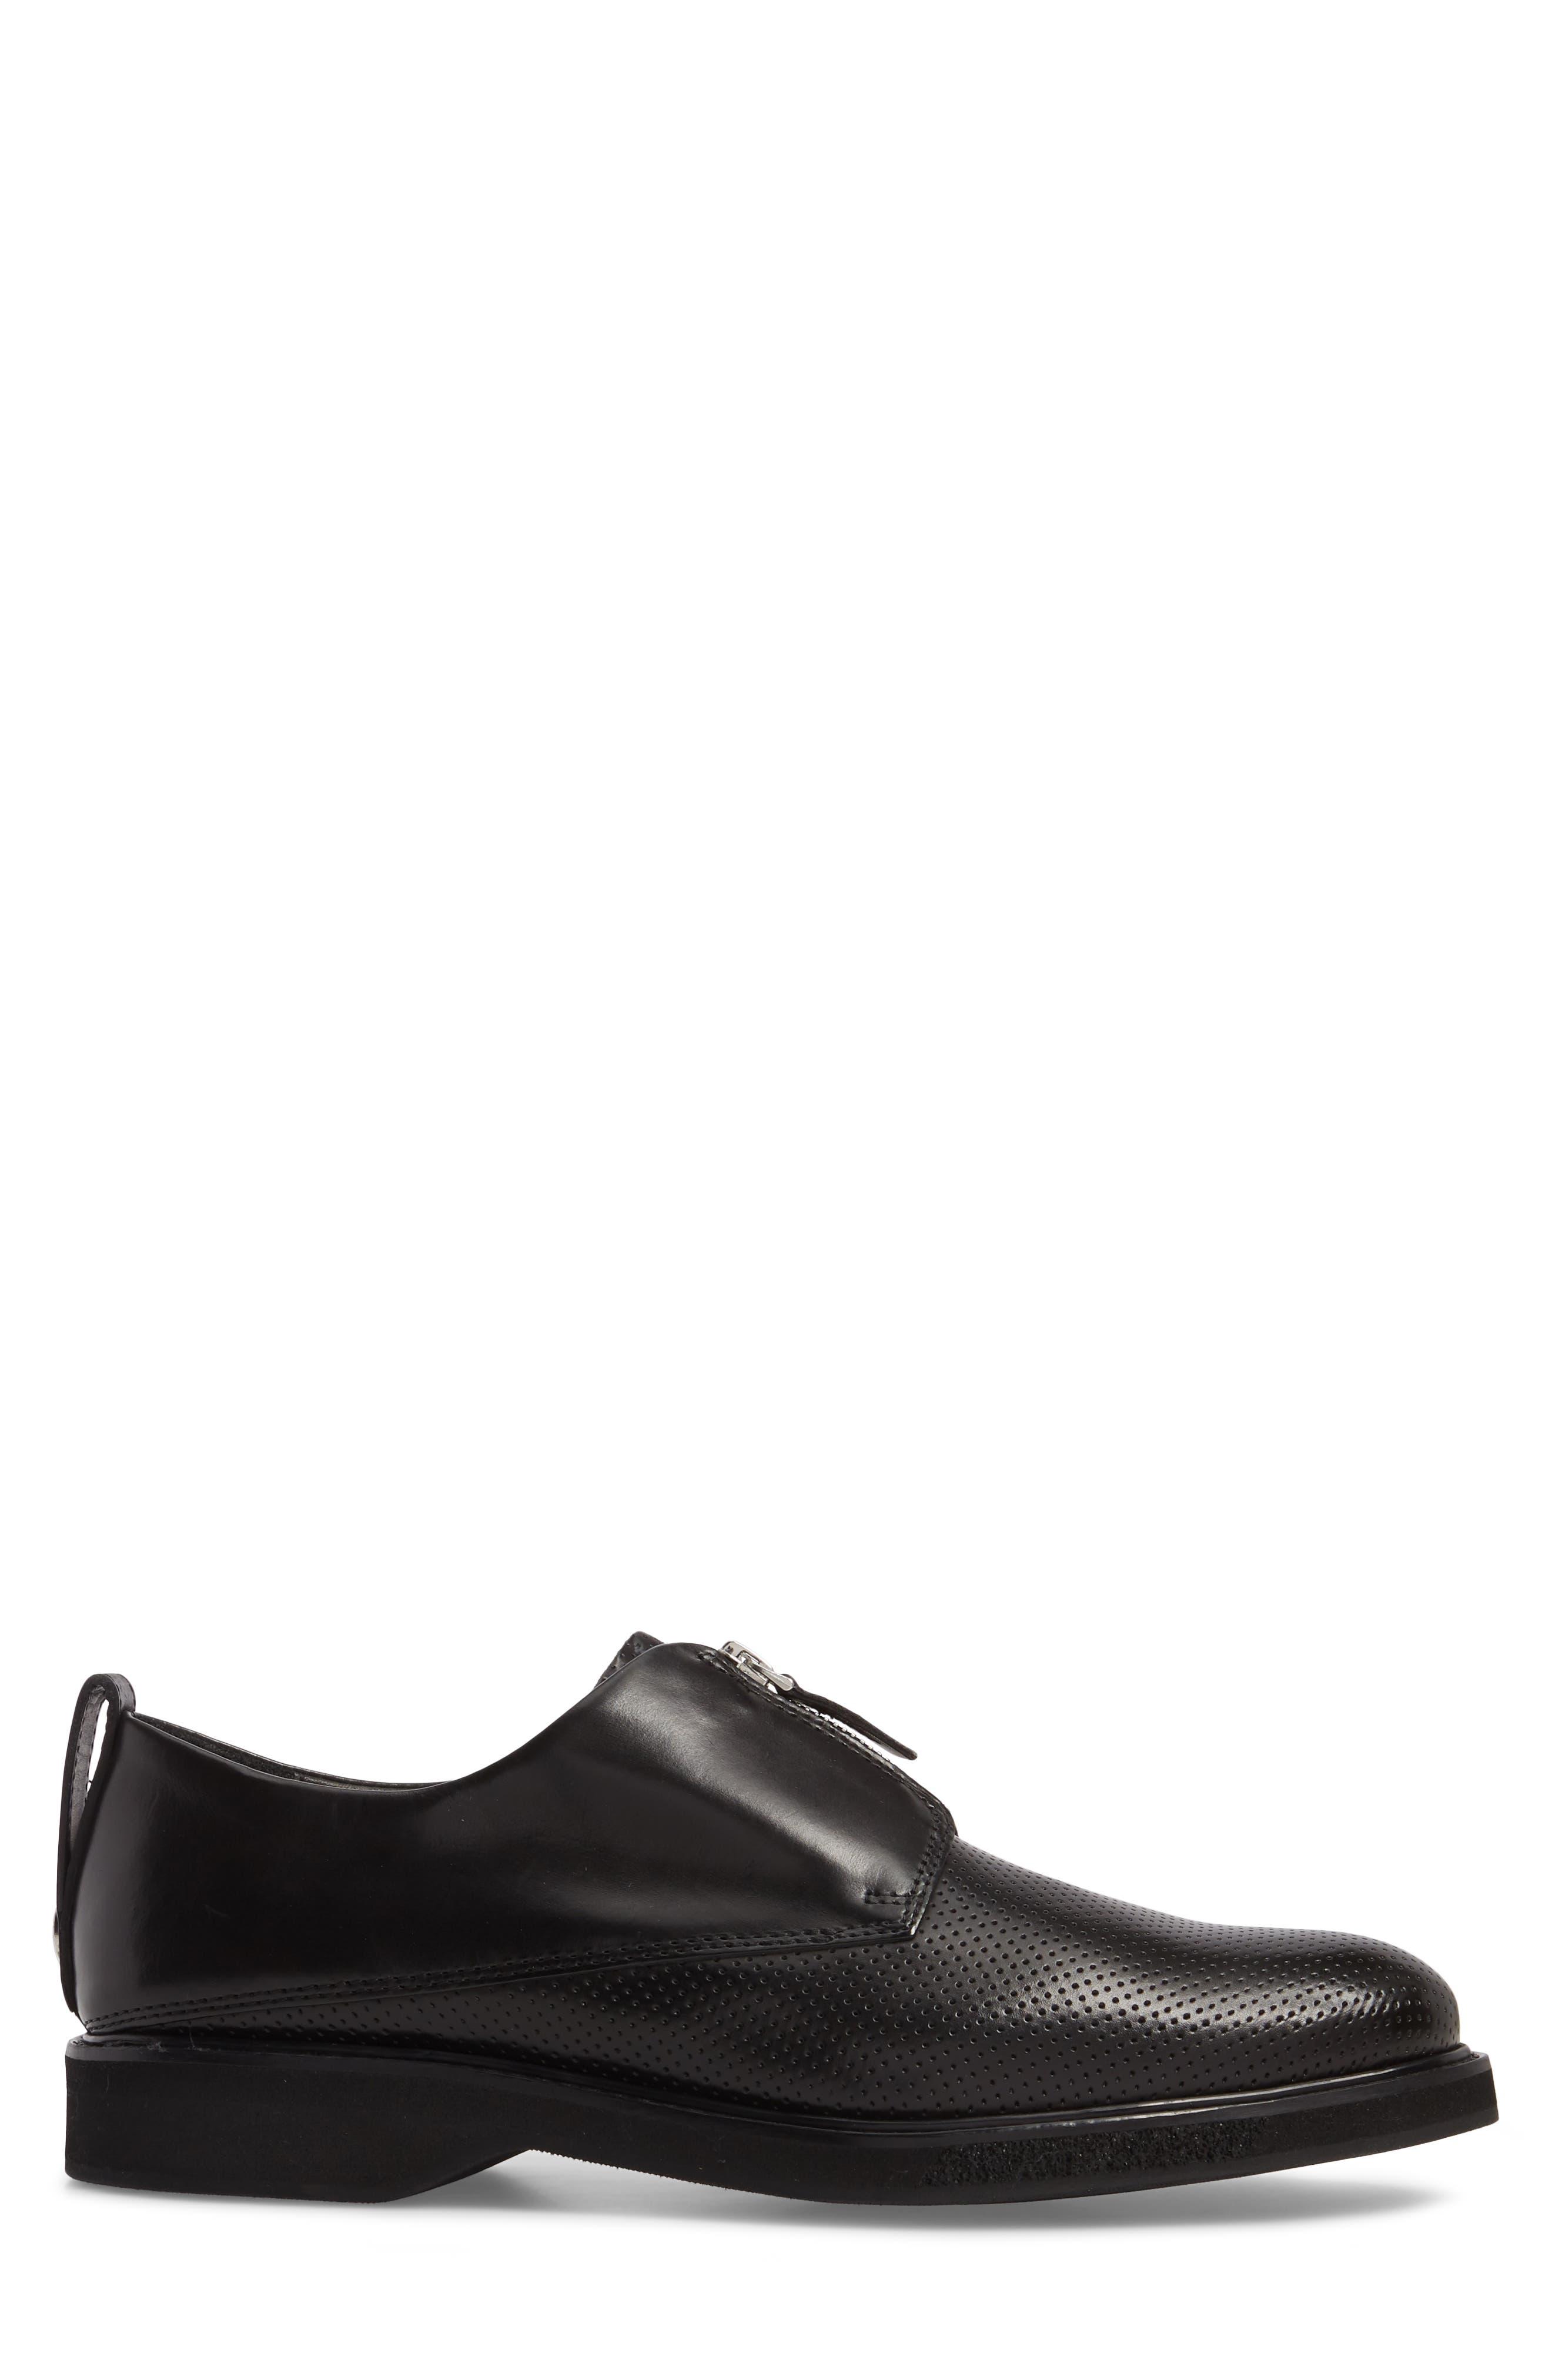 Alternate Image 3  - WANT LES ESSENTIELS Zipped Derby Shoe (Men)